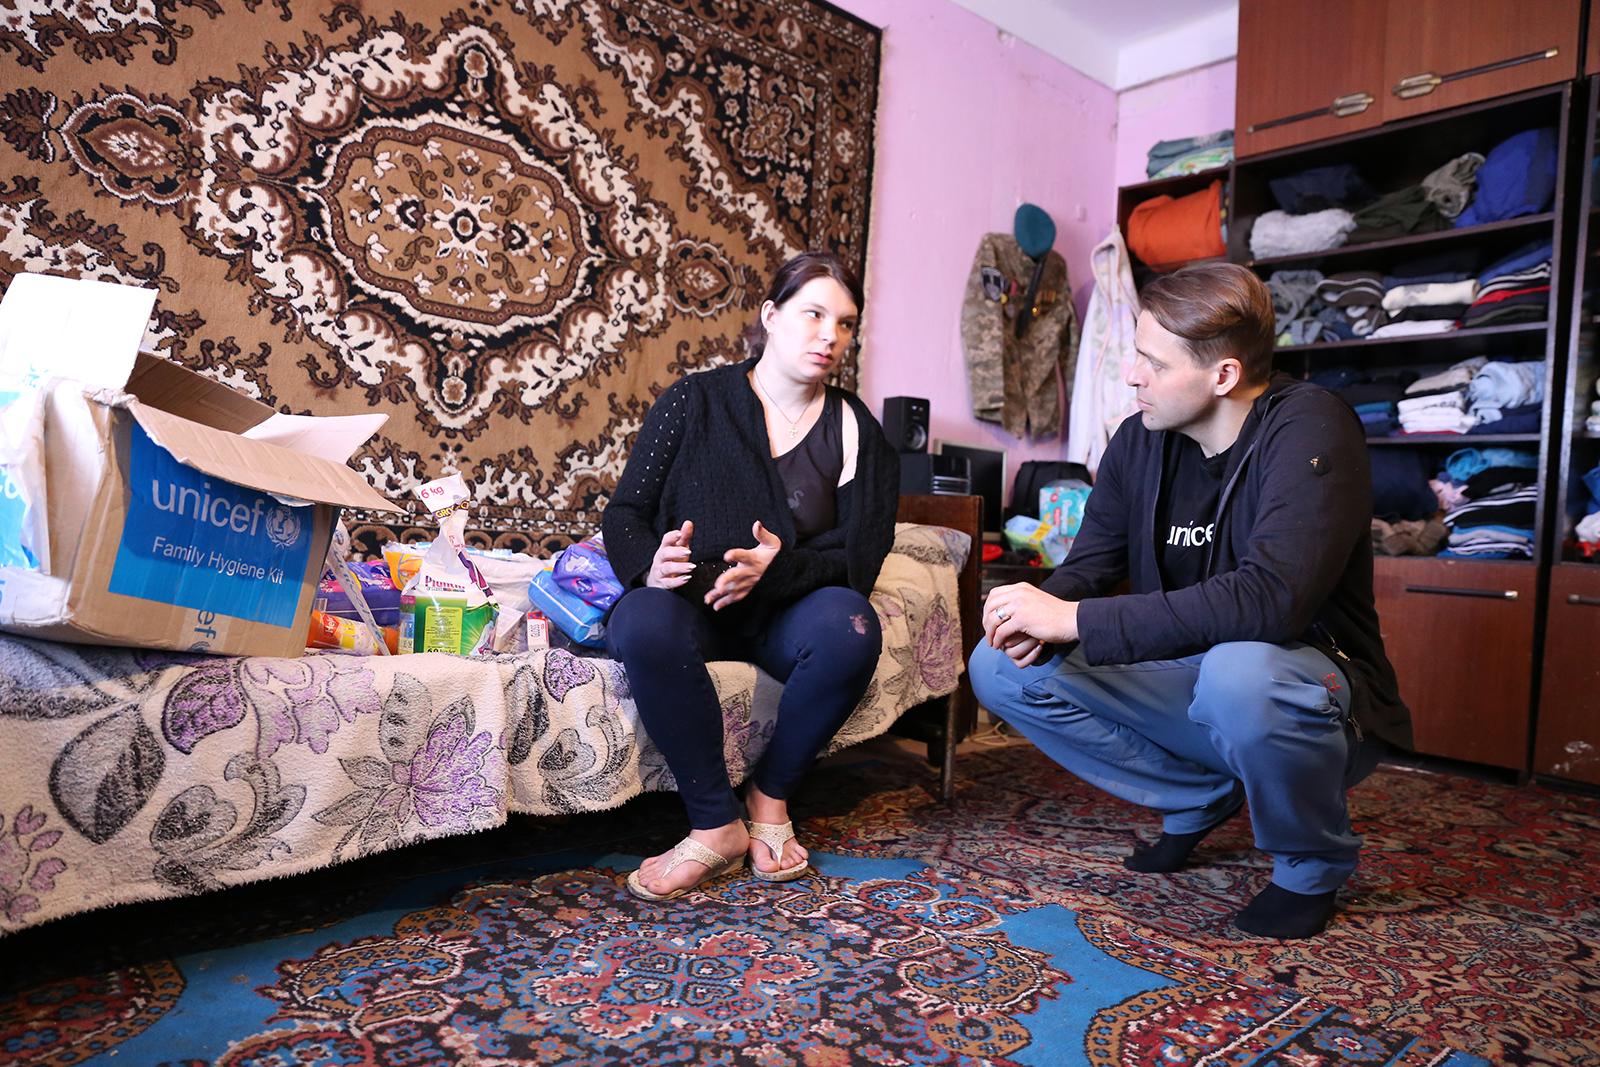 Yulia ja Kimmo Ohtonen tutustuvat UNICEFin apupaketin sisältöön.